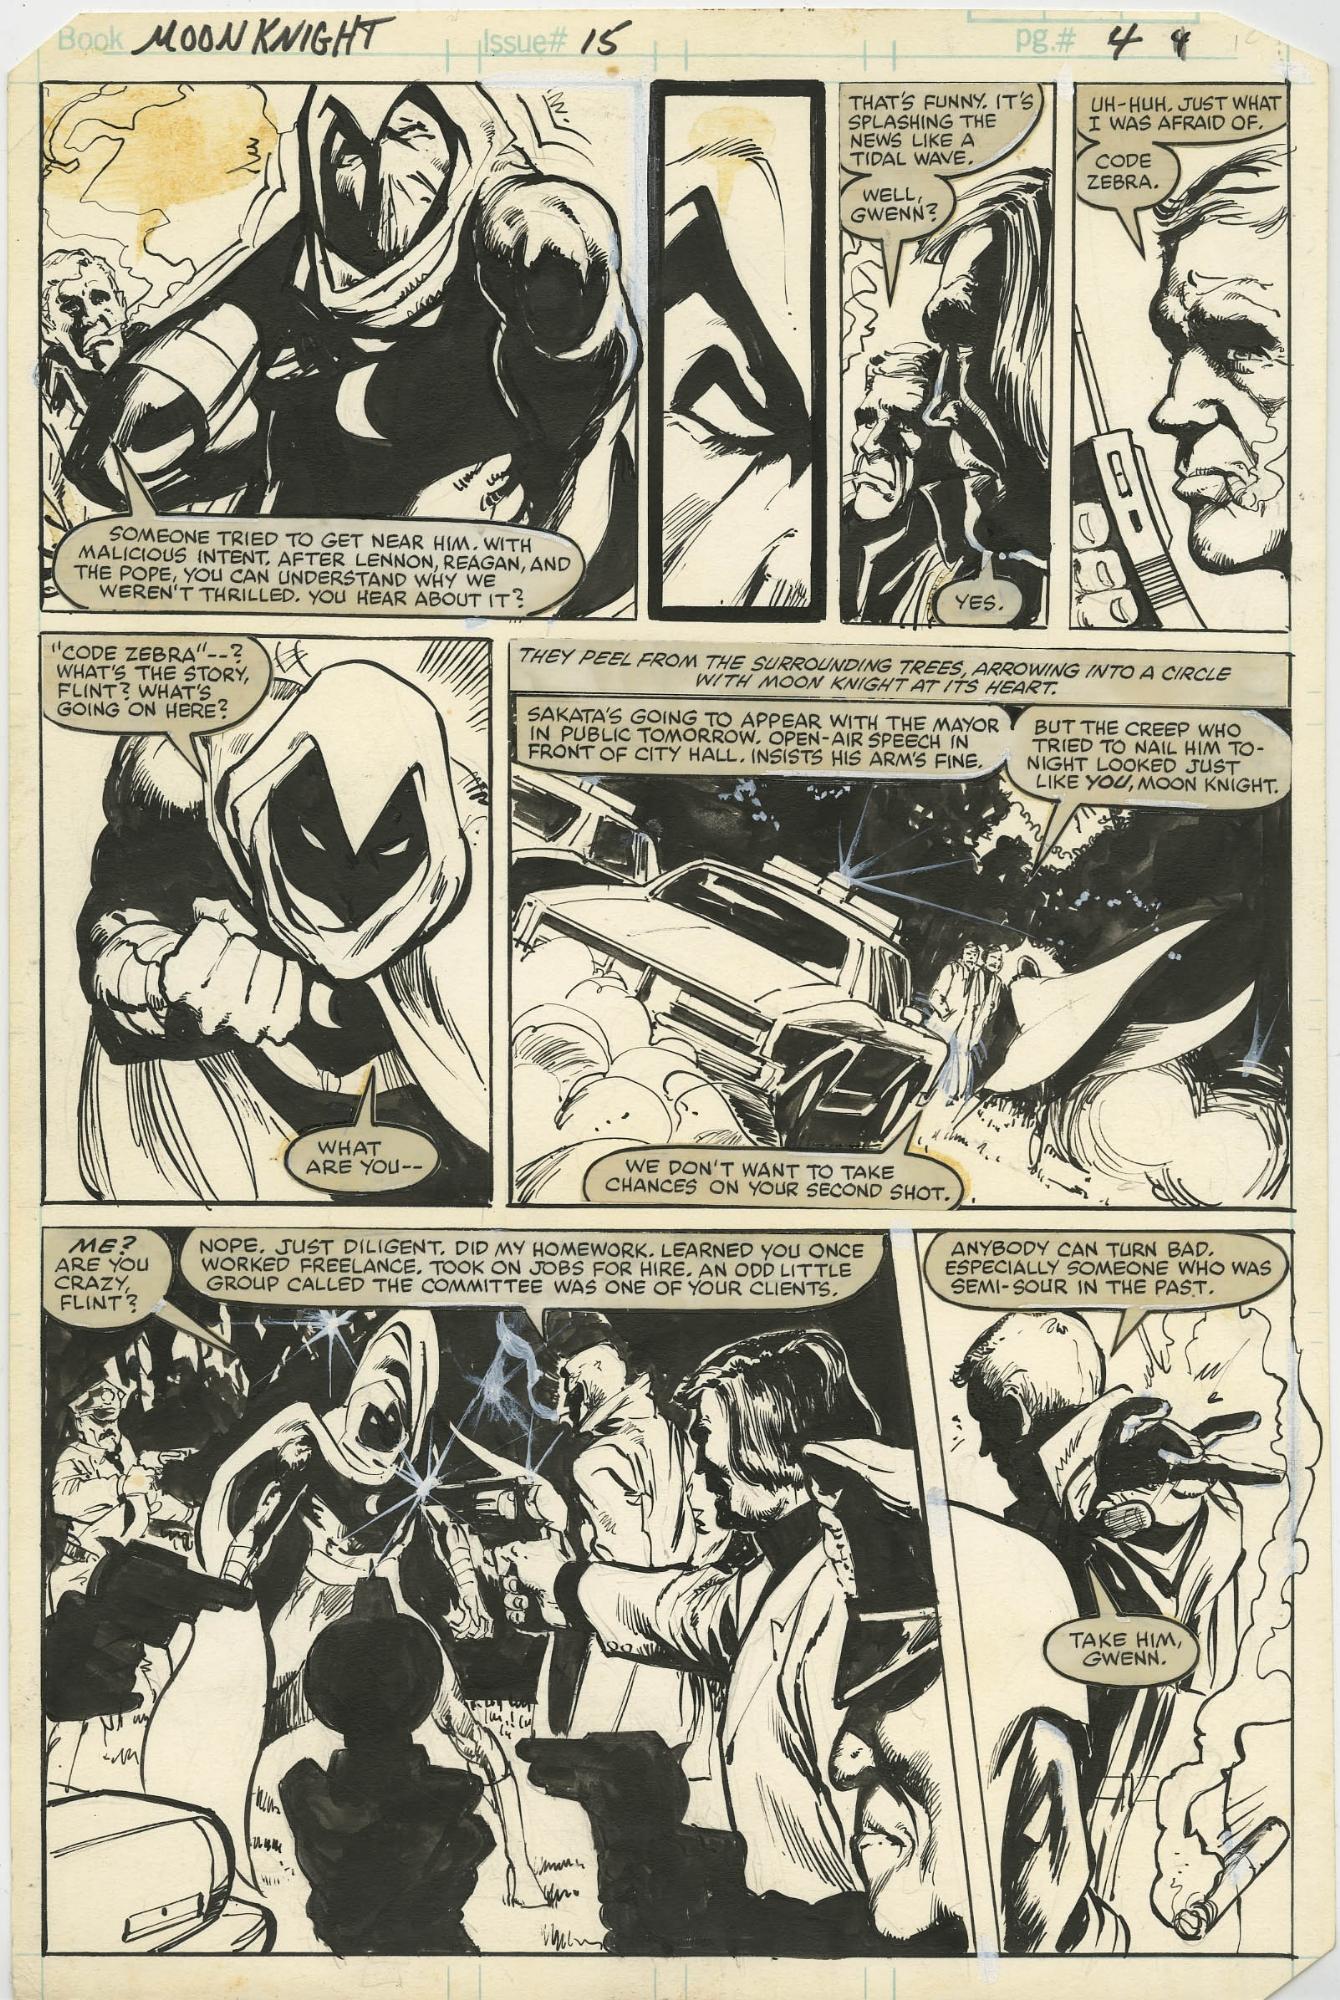 USA, 1982 Moon Knight # 15 Bill Sienkiewicz